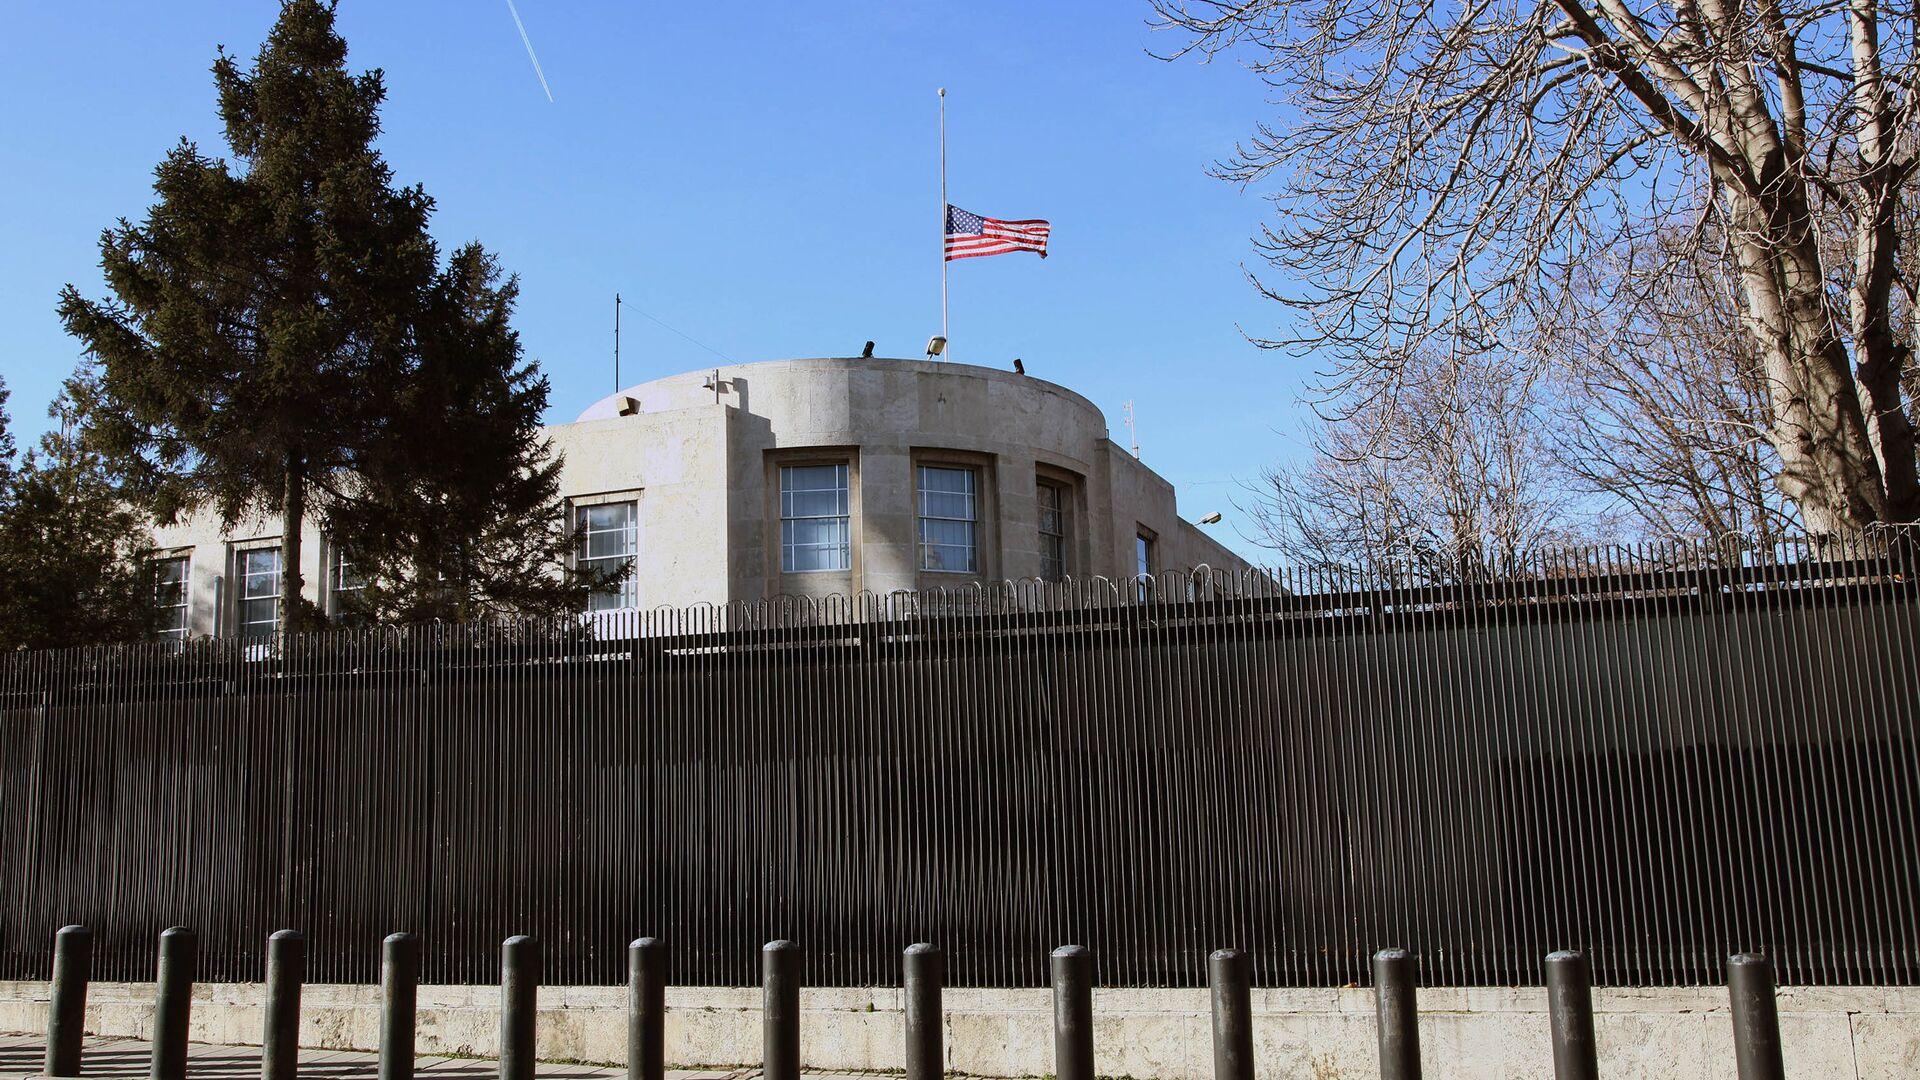 Здание американского посольства в Анкаре - РИА Новости, 1920, 15.02.2021